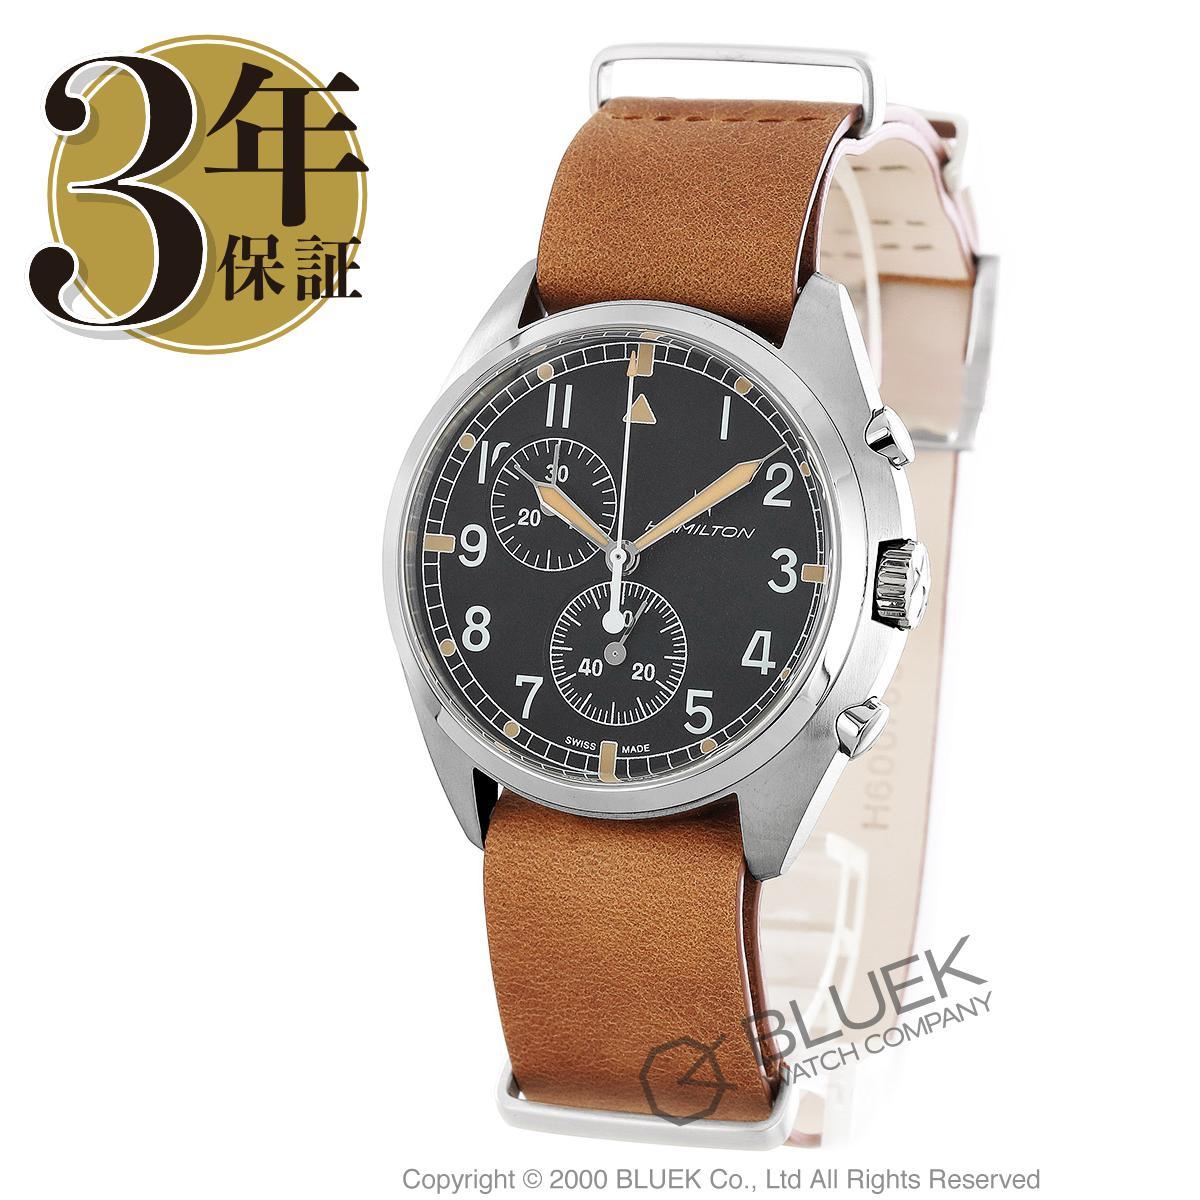 ハミルトン カーキ アビエーション パイロット パイオニア クロノグラフ 腕時計 メンズ HAMILTON H76522531_3